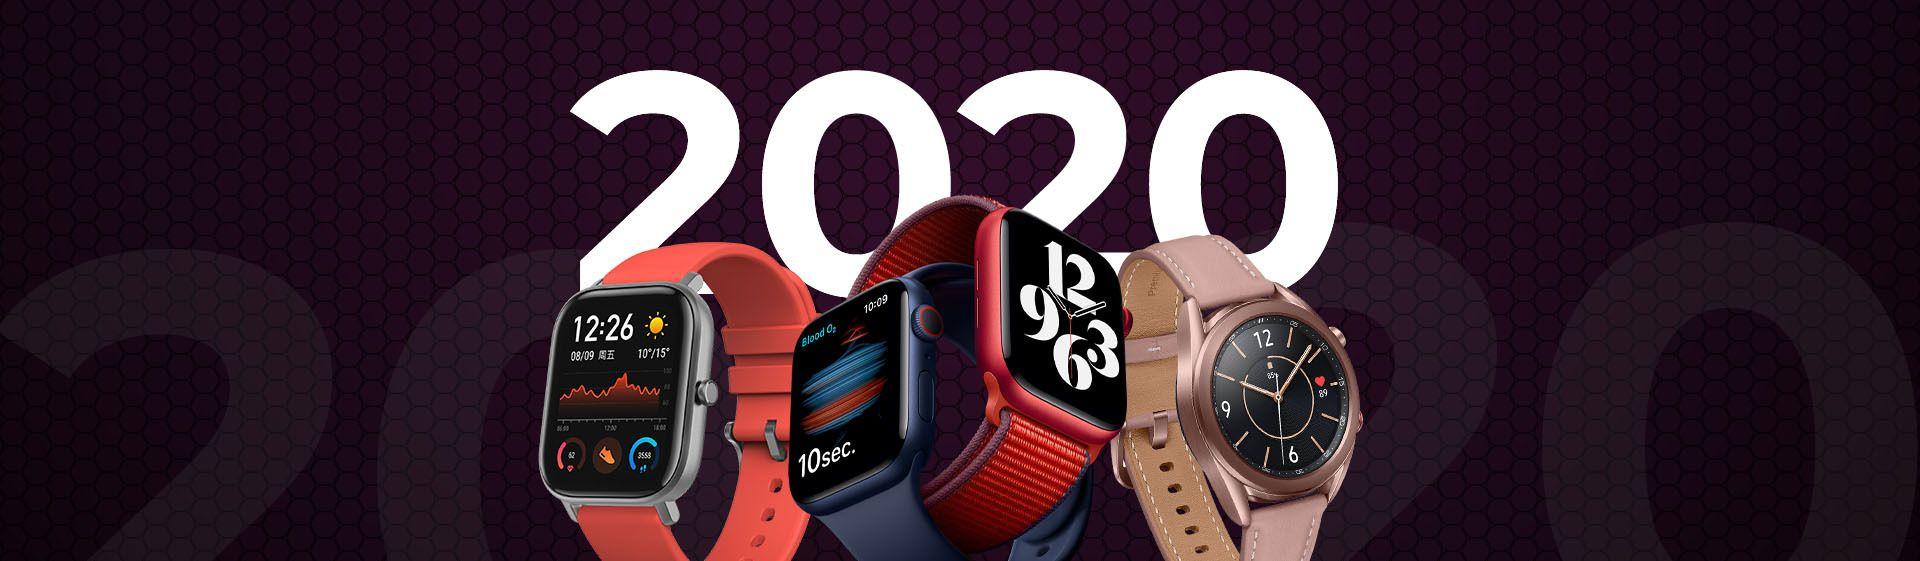 Restrospectiva 2020: relembre os smartwatches e smartbands lançados esse ano